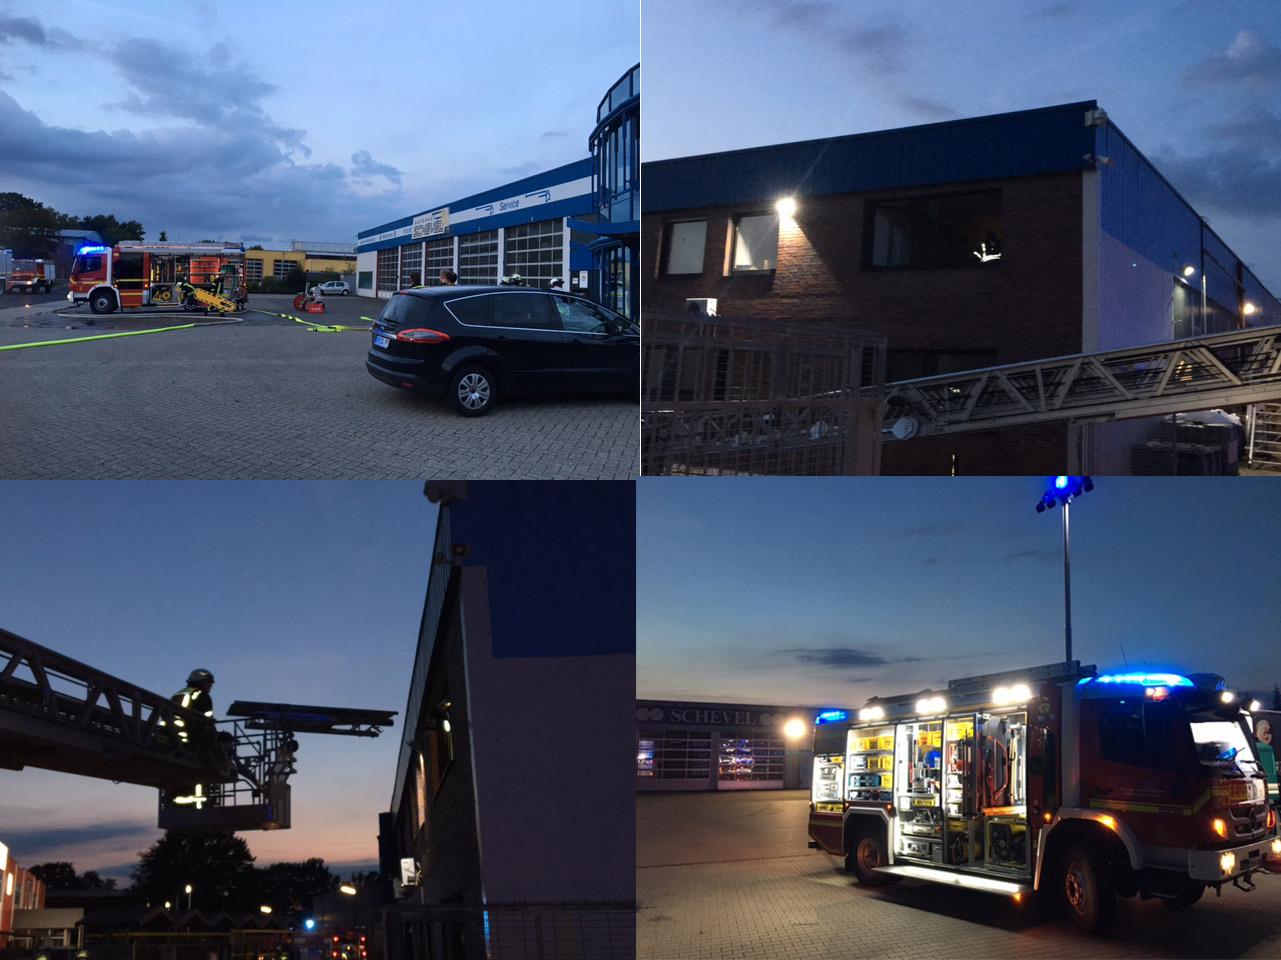 Feuerwehr Übung bei AUtohaus Schevel in Schüttorf Werkstr 1